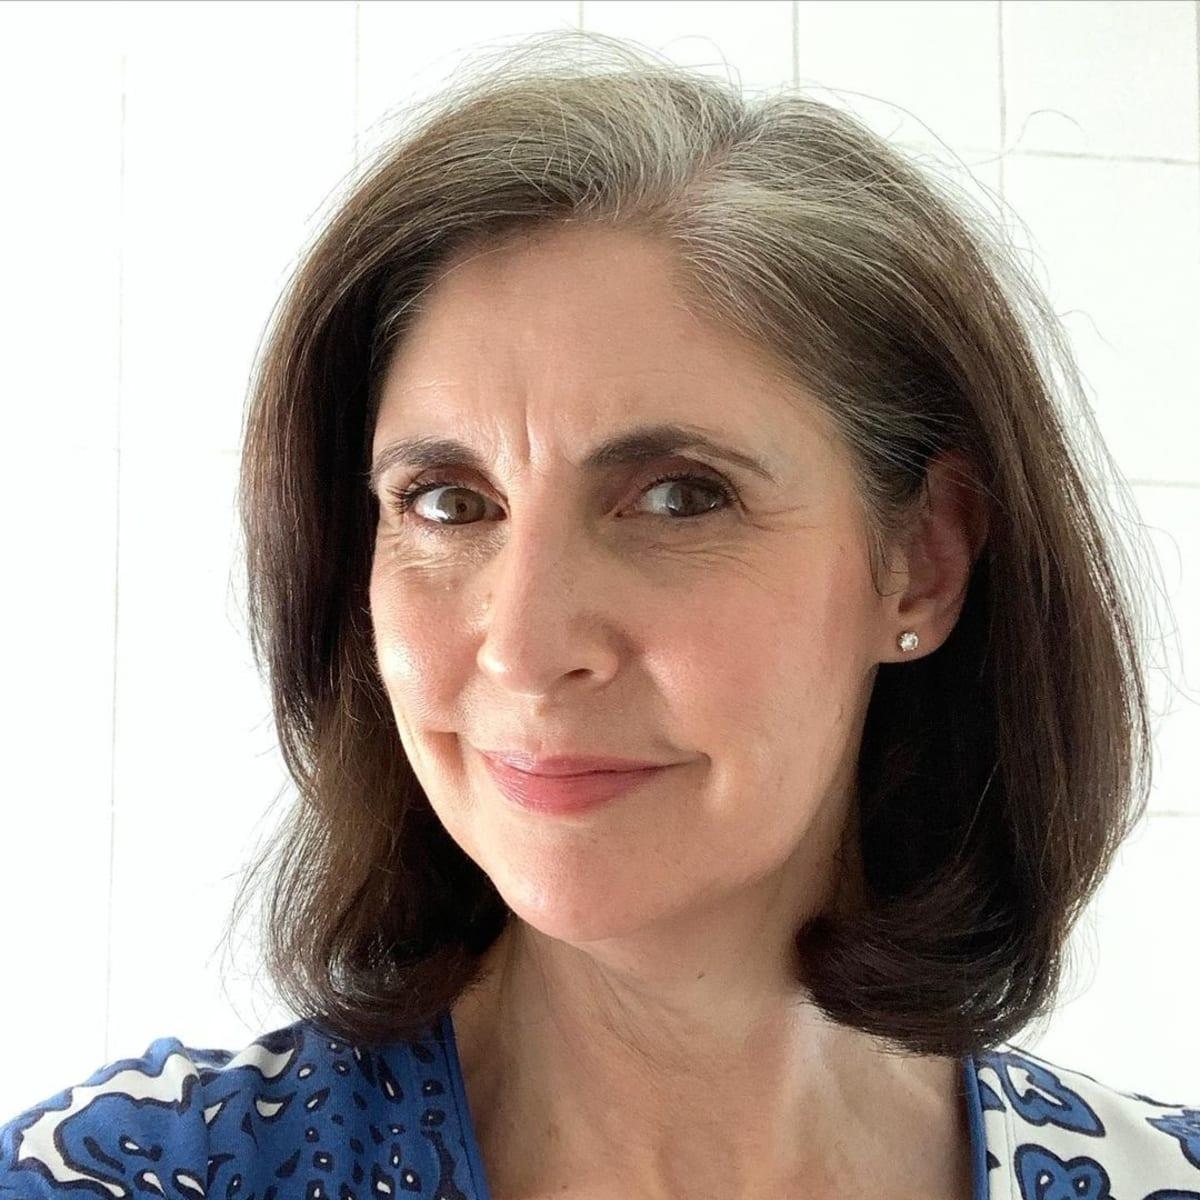 Le carré long pour une femme de plus de 50 ans au visage rond.